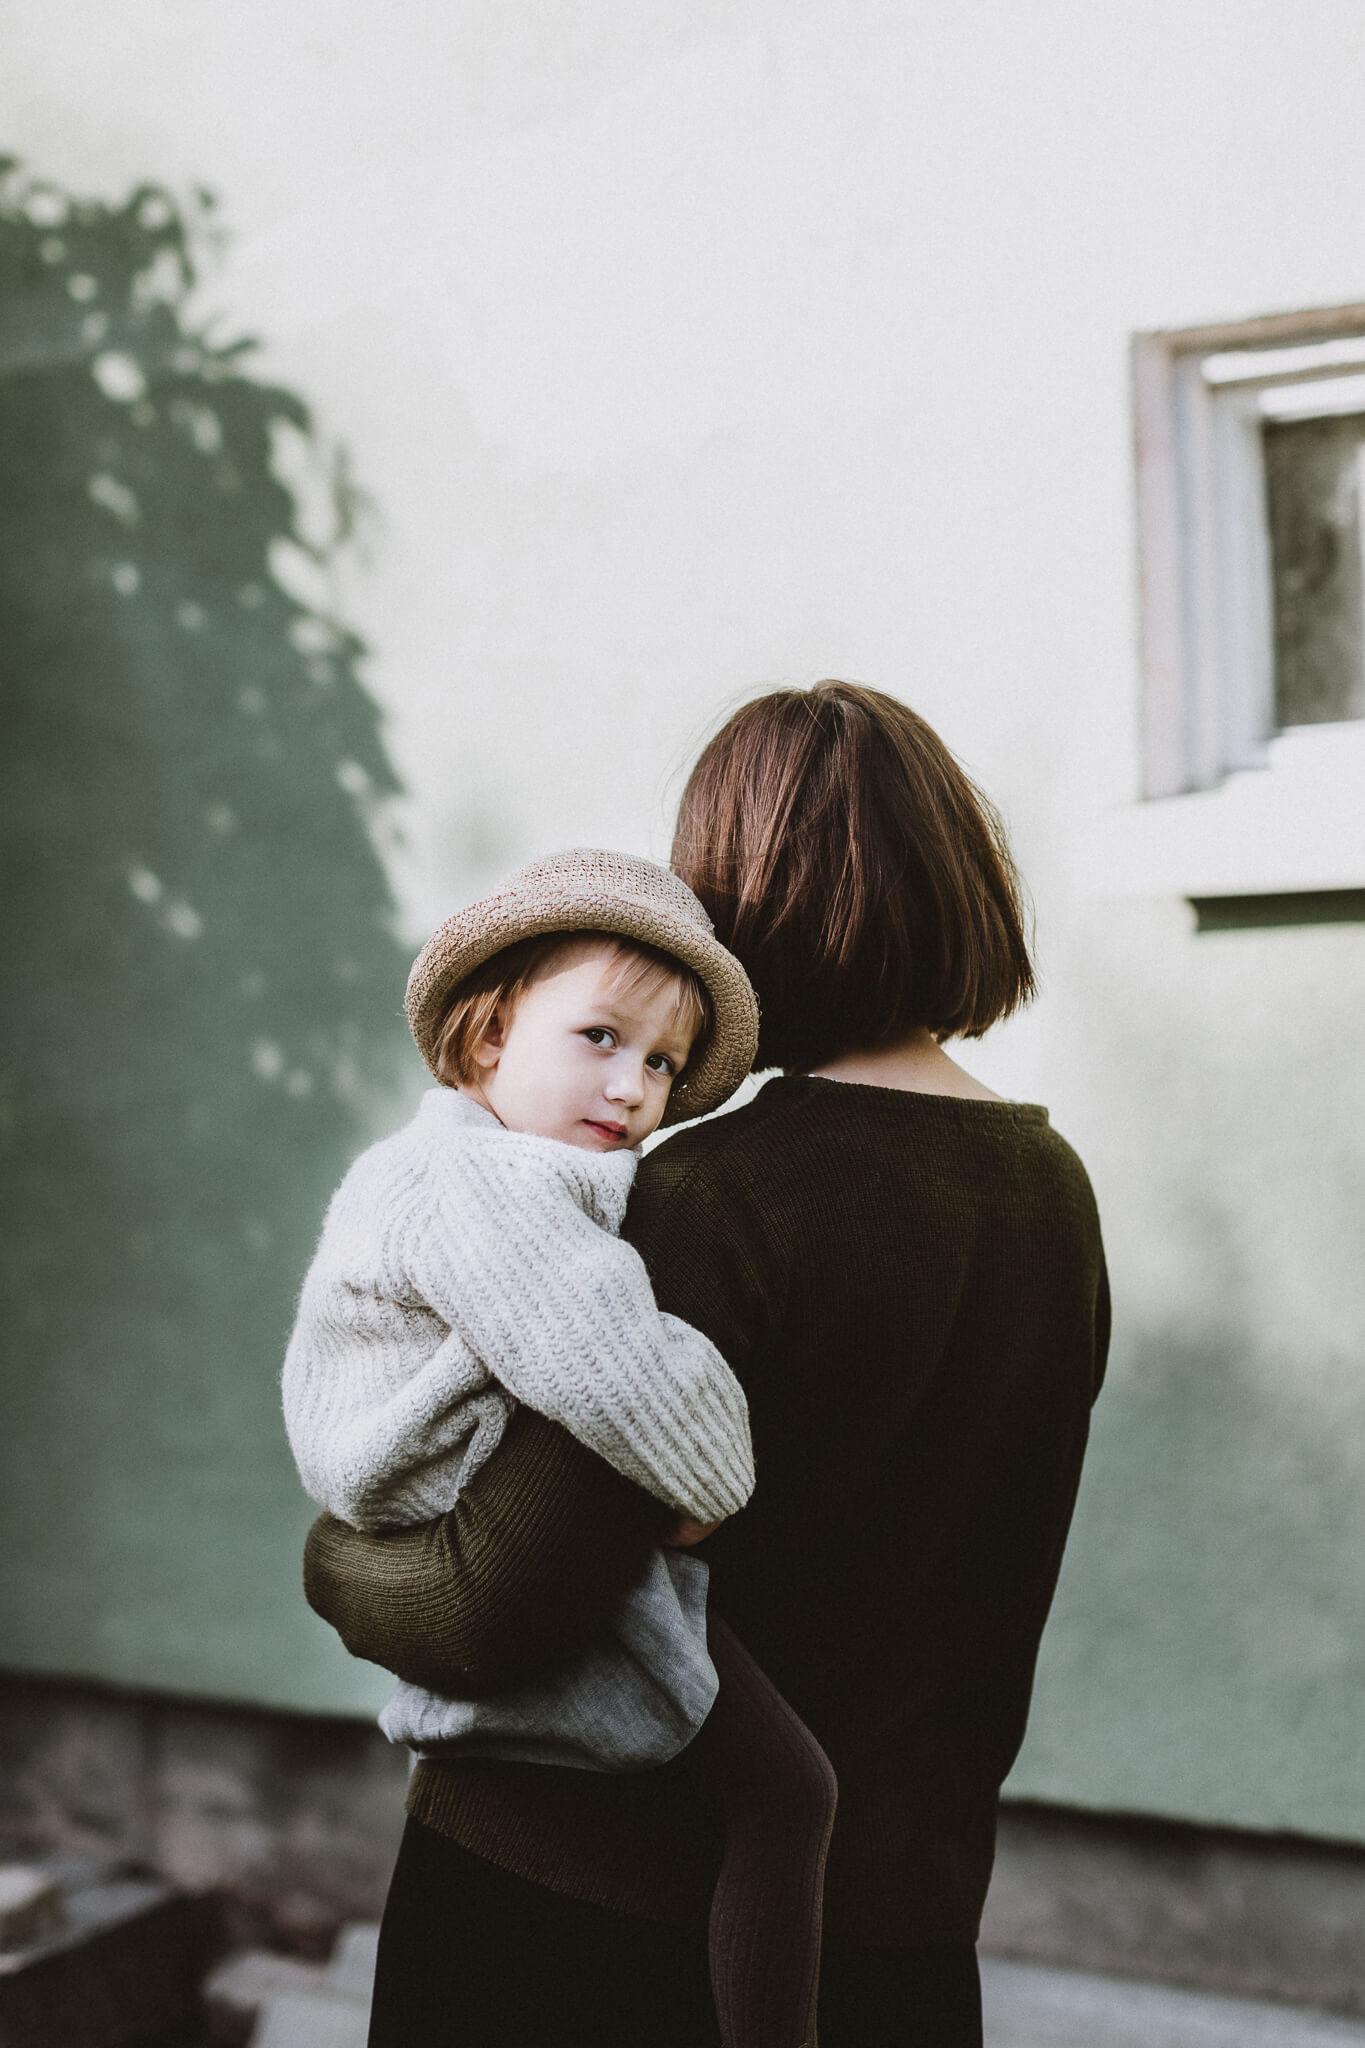 Portreefoto tüdrukust, kes on ema süles ja vaatab üle õla.